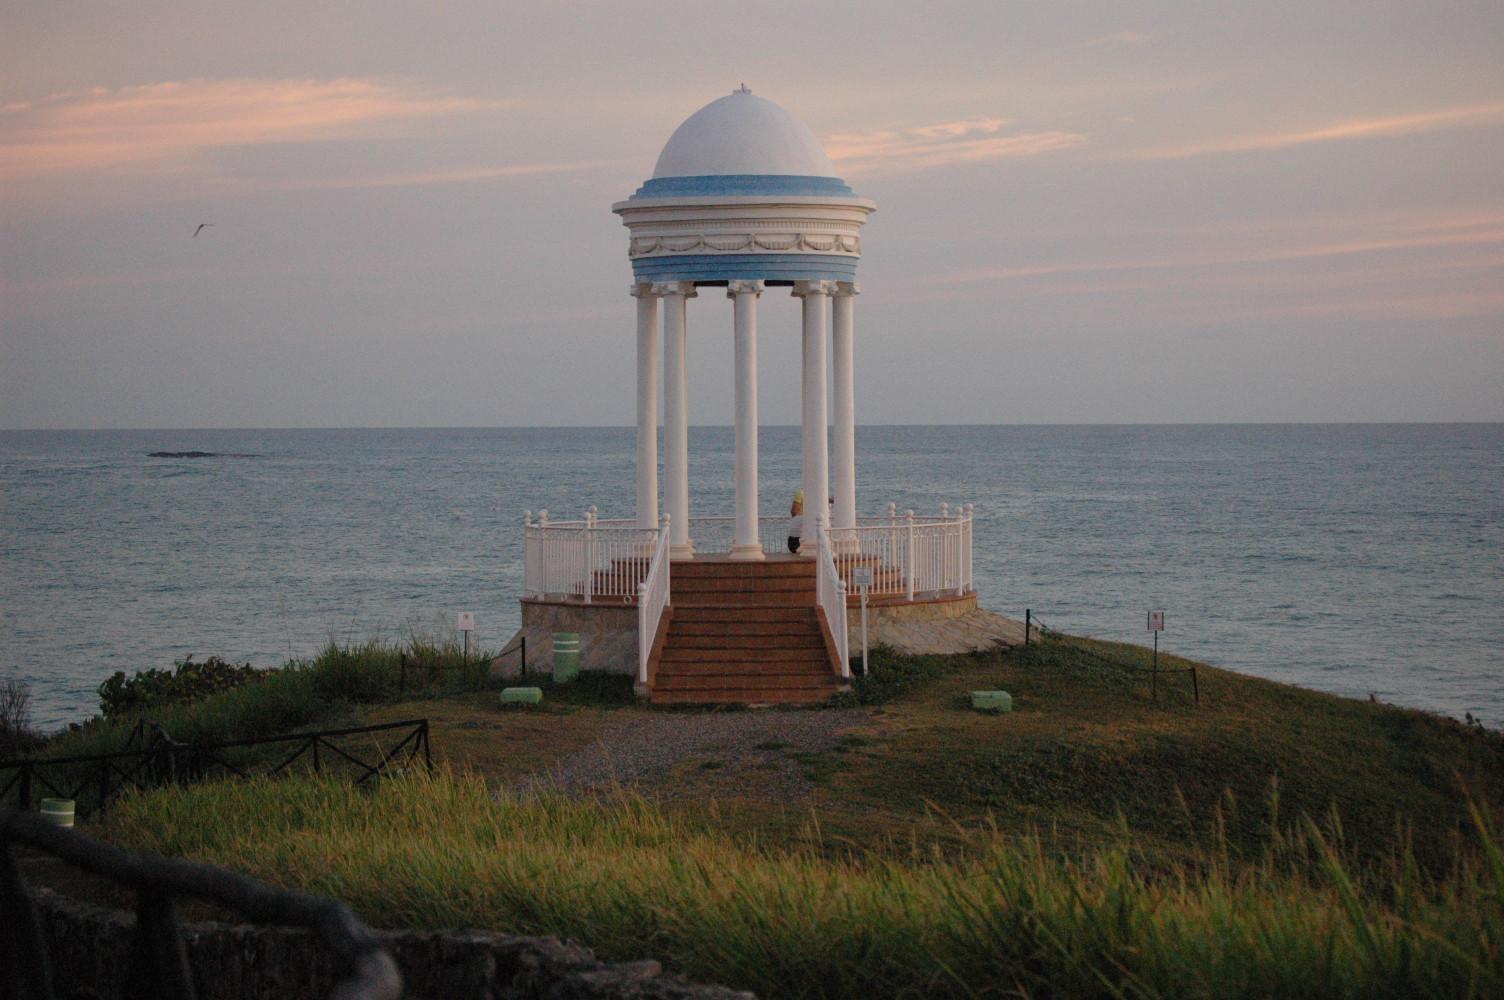 Morgens am Atlantik